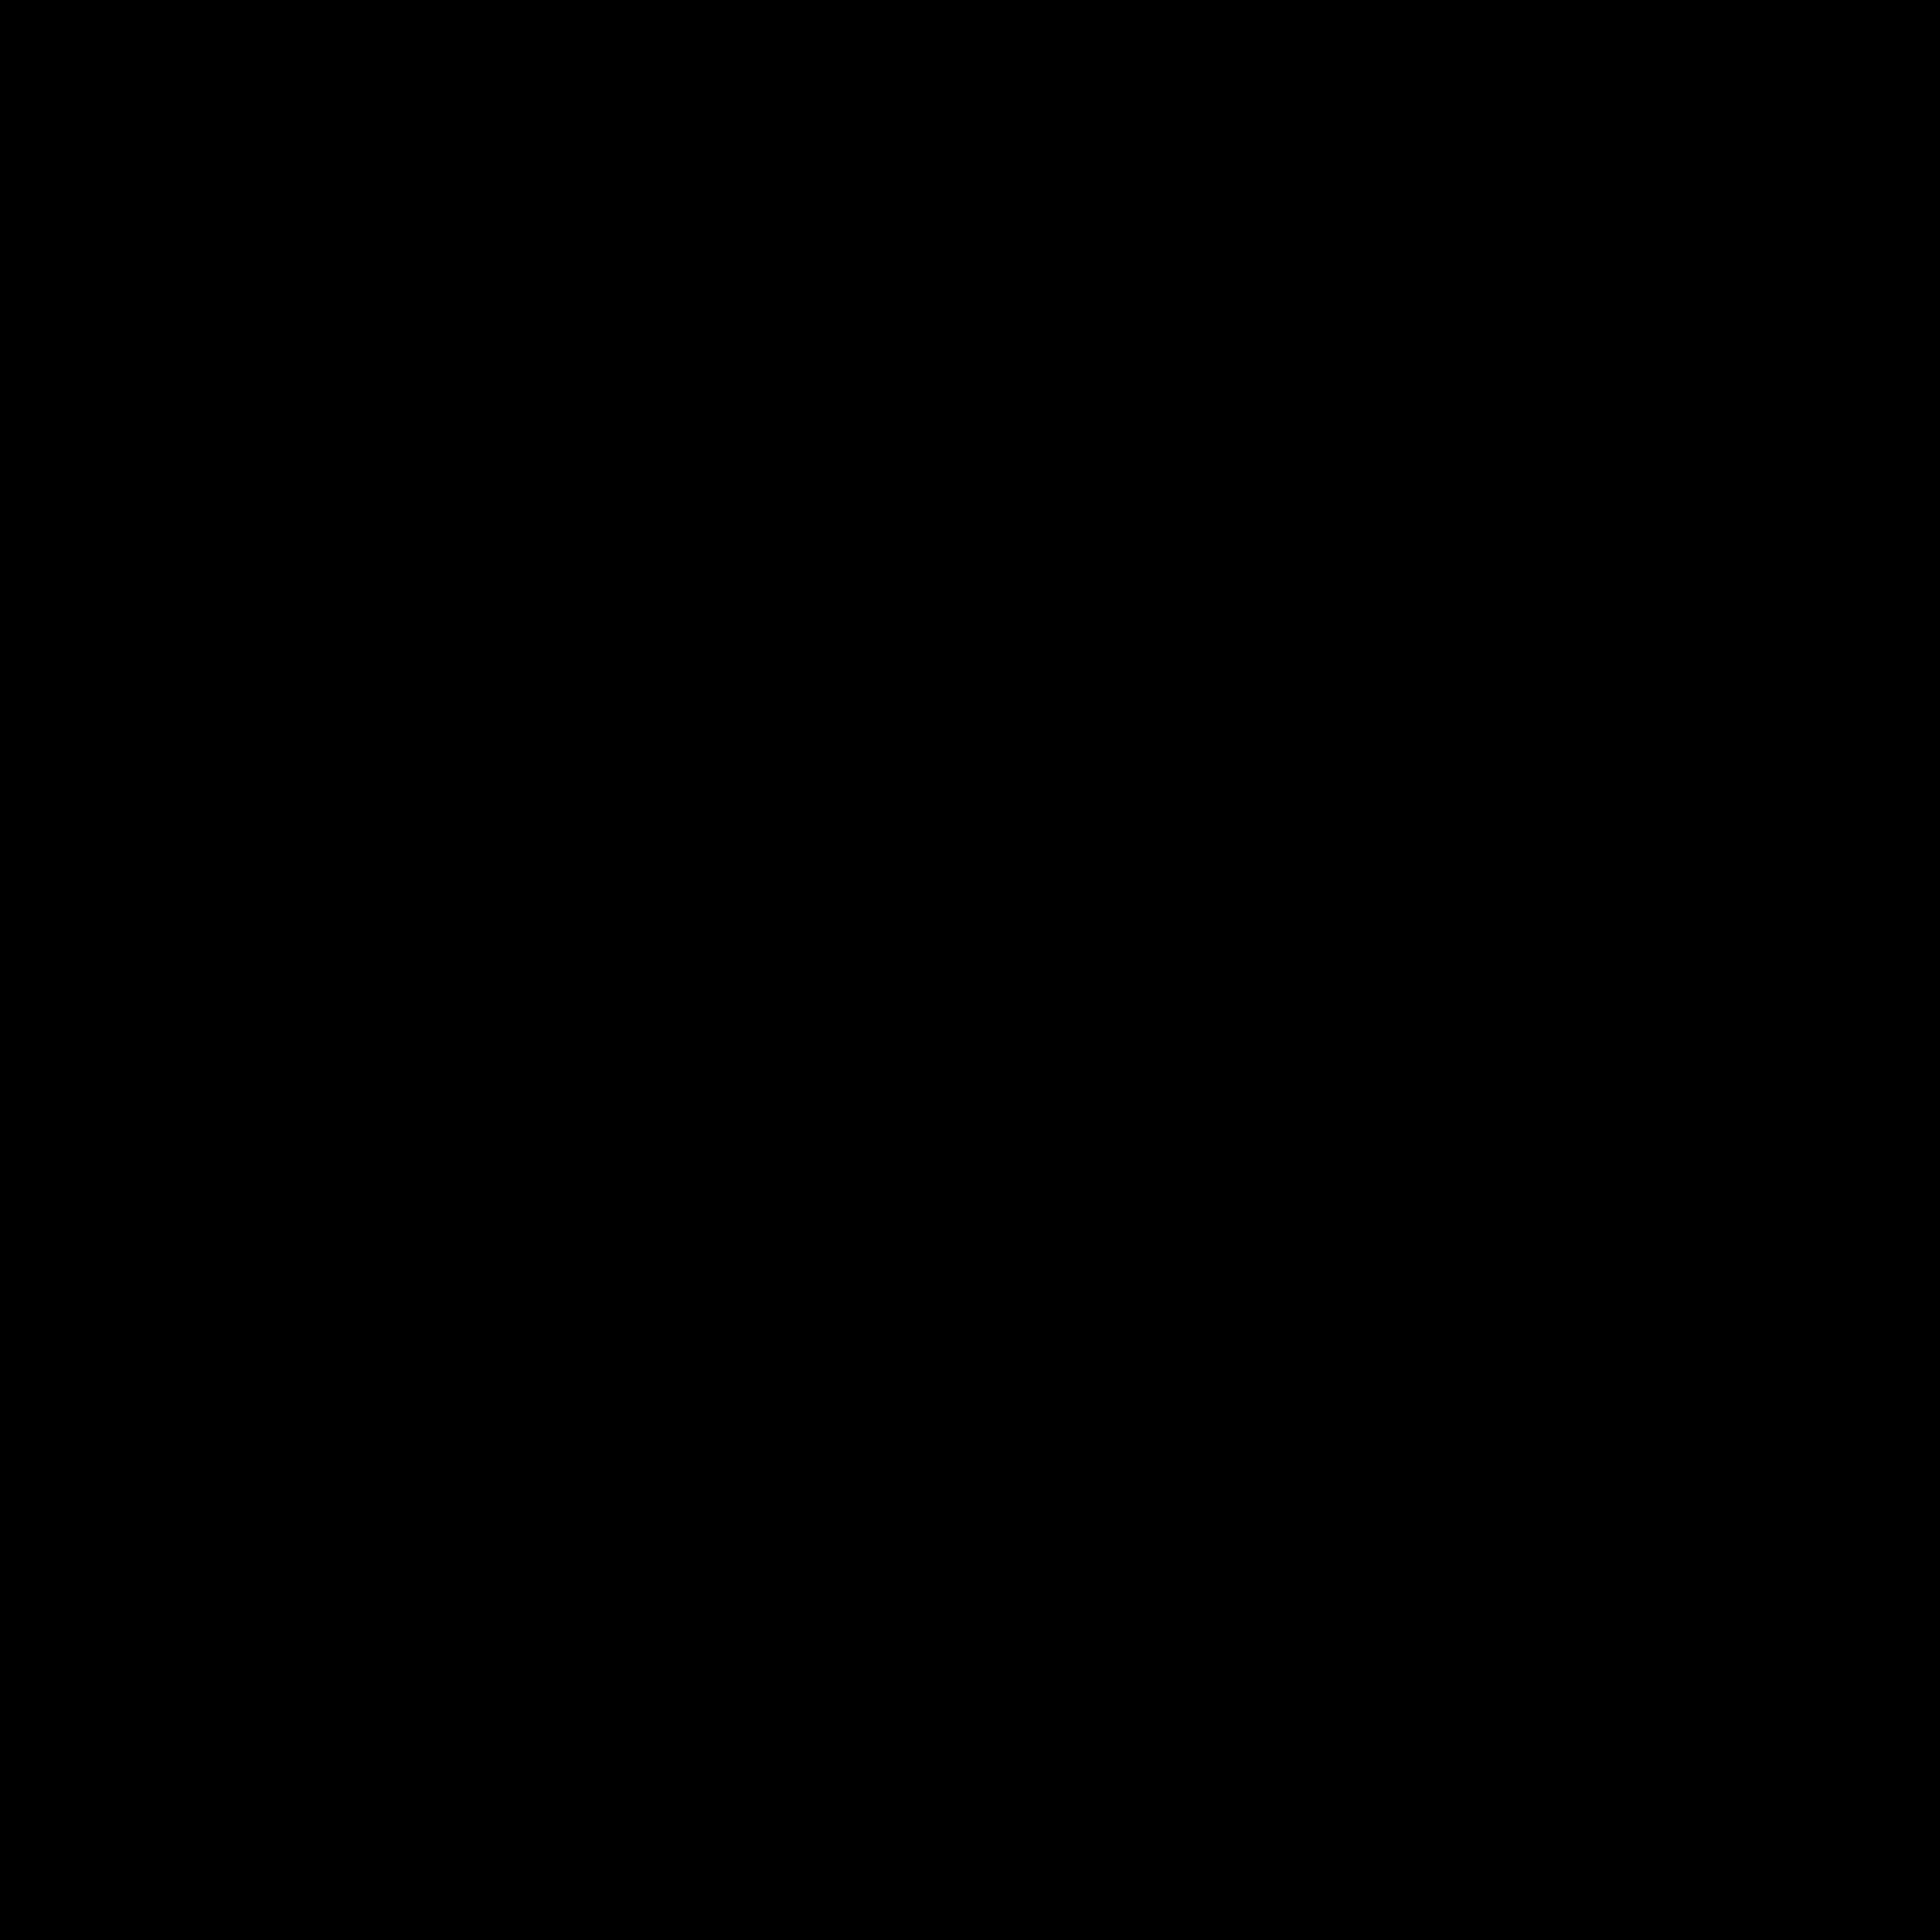 Купить Конструктор lego disney princess королевский корабль ариэль (41153), Конструктор LEGO Disney Princess Королевский корабль Ариэль (41153), LEGO для девочек